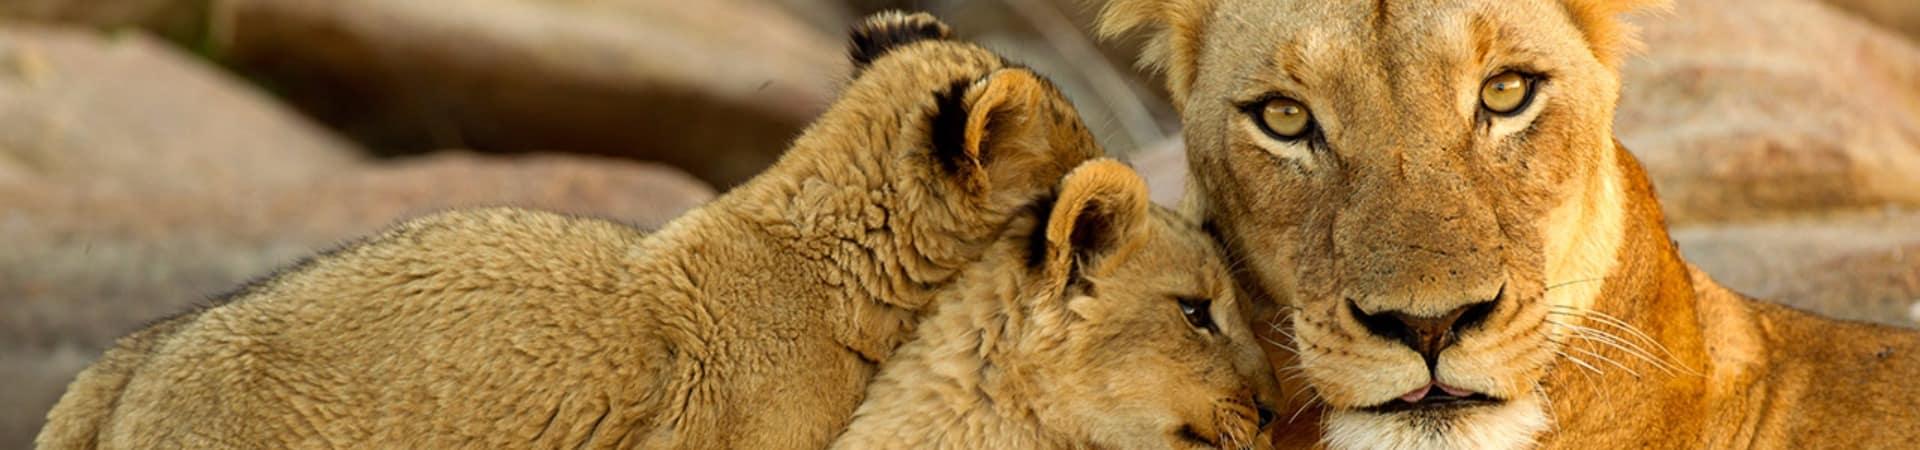 Familia leoa